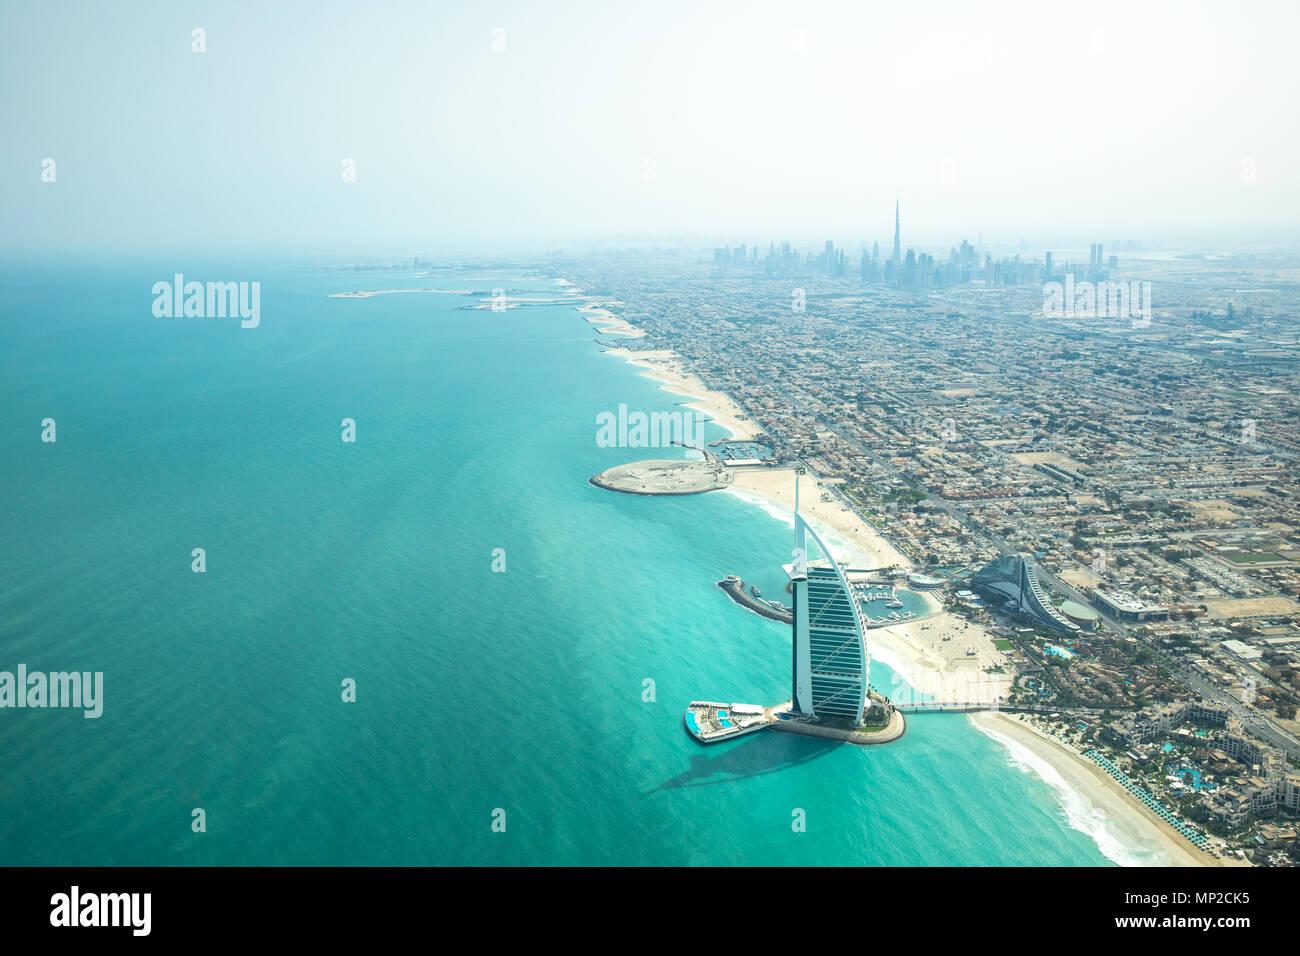 Vue aérienne de la ville de Dubaï beach et sur la côte sur une journée ensoleillée. Photo Stock